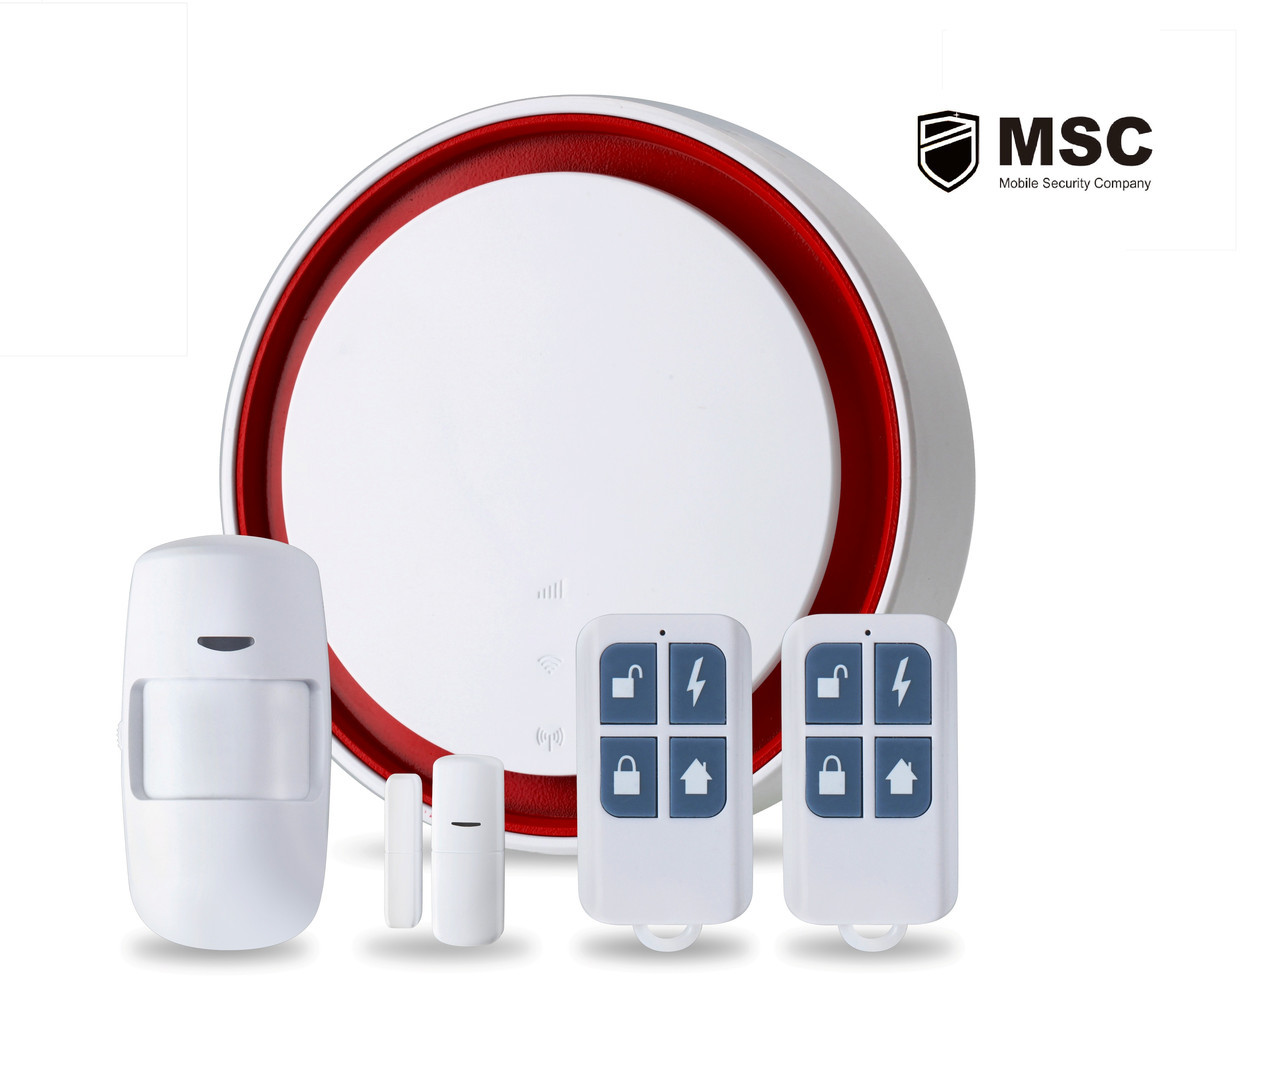 Комплект Wi-Fi GSM сигнализации + модуль управления бытовыми приборами